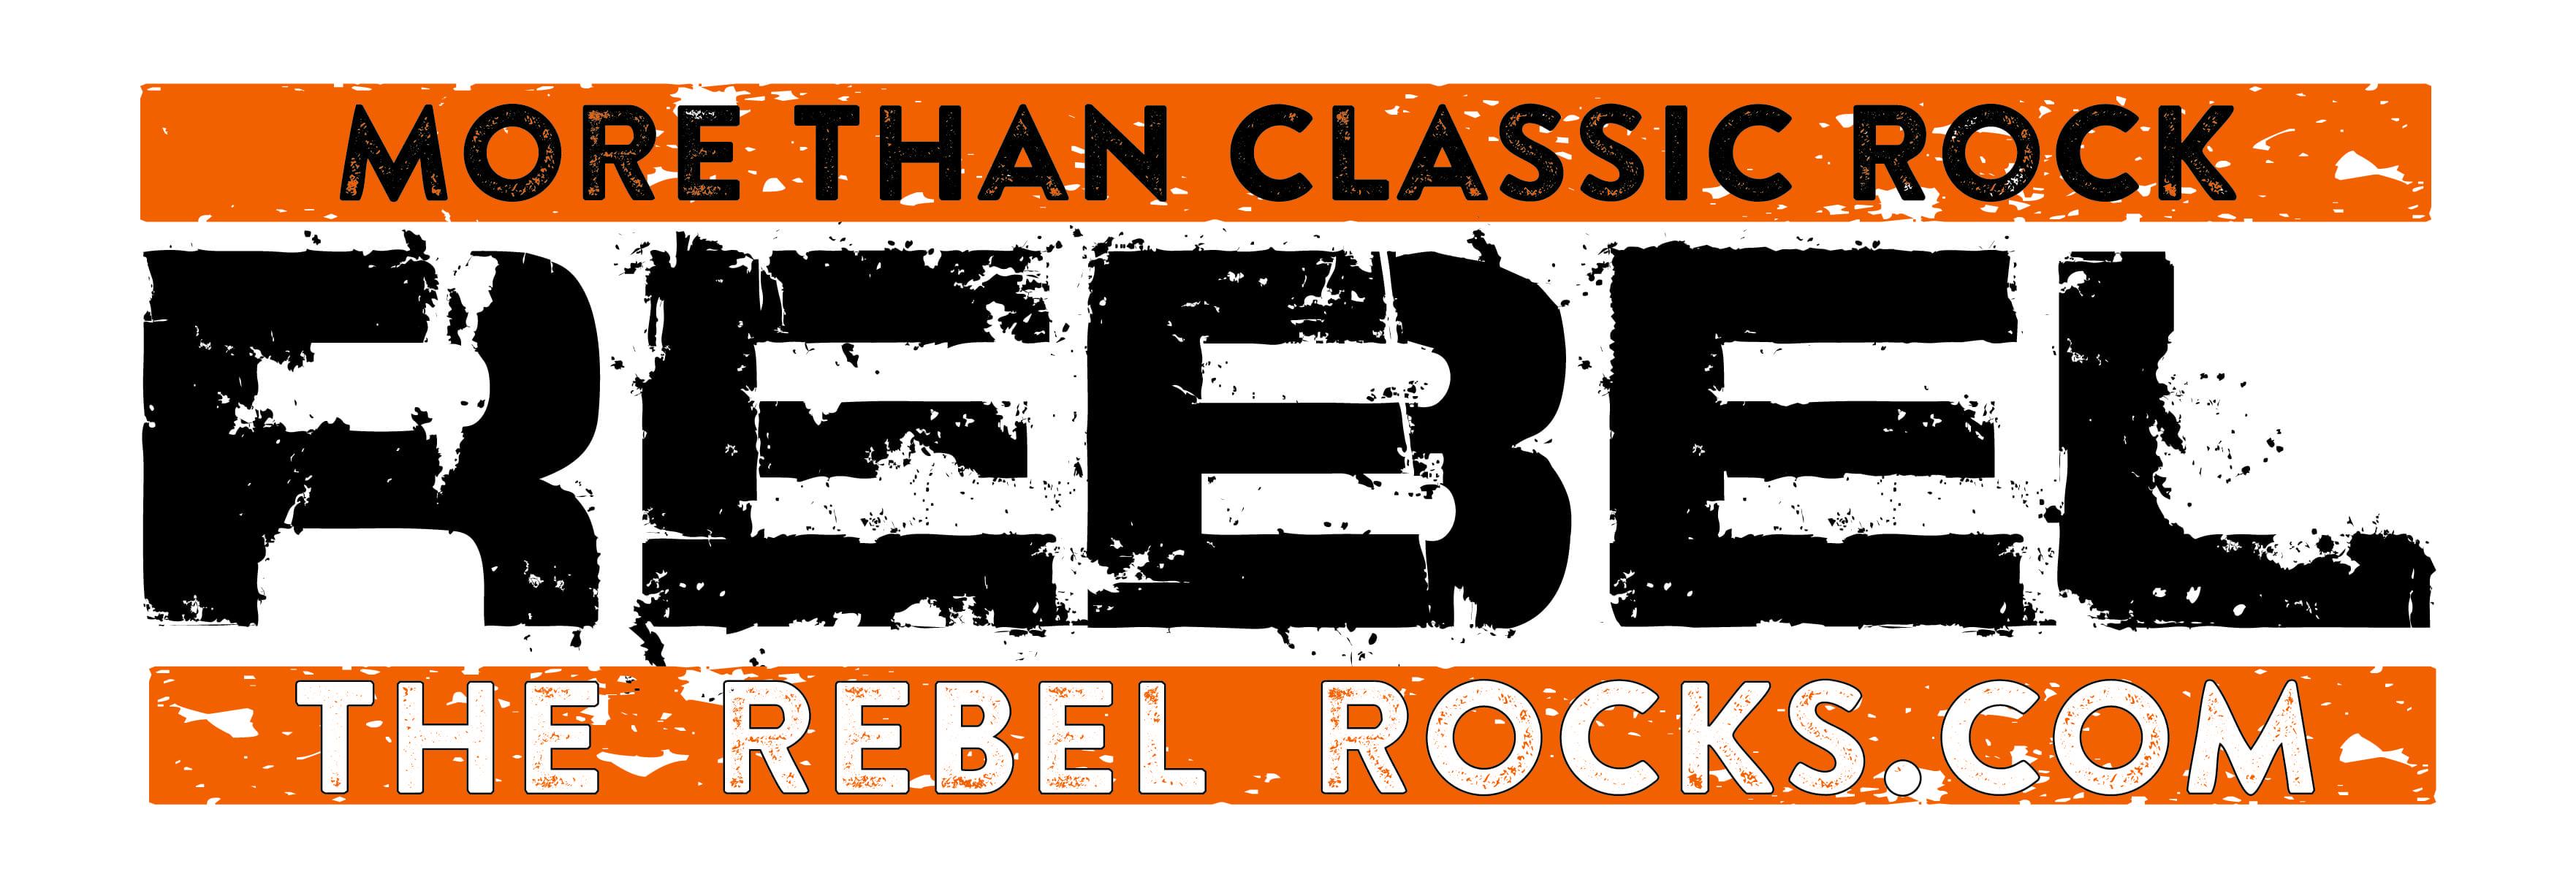 The Rebel Rocks Lives On!